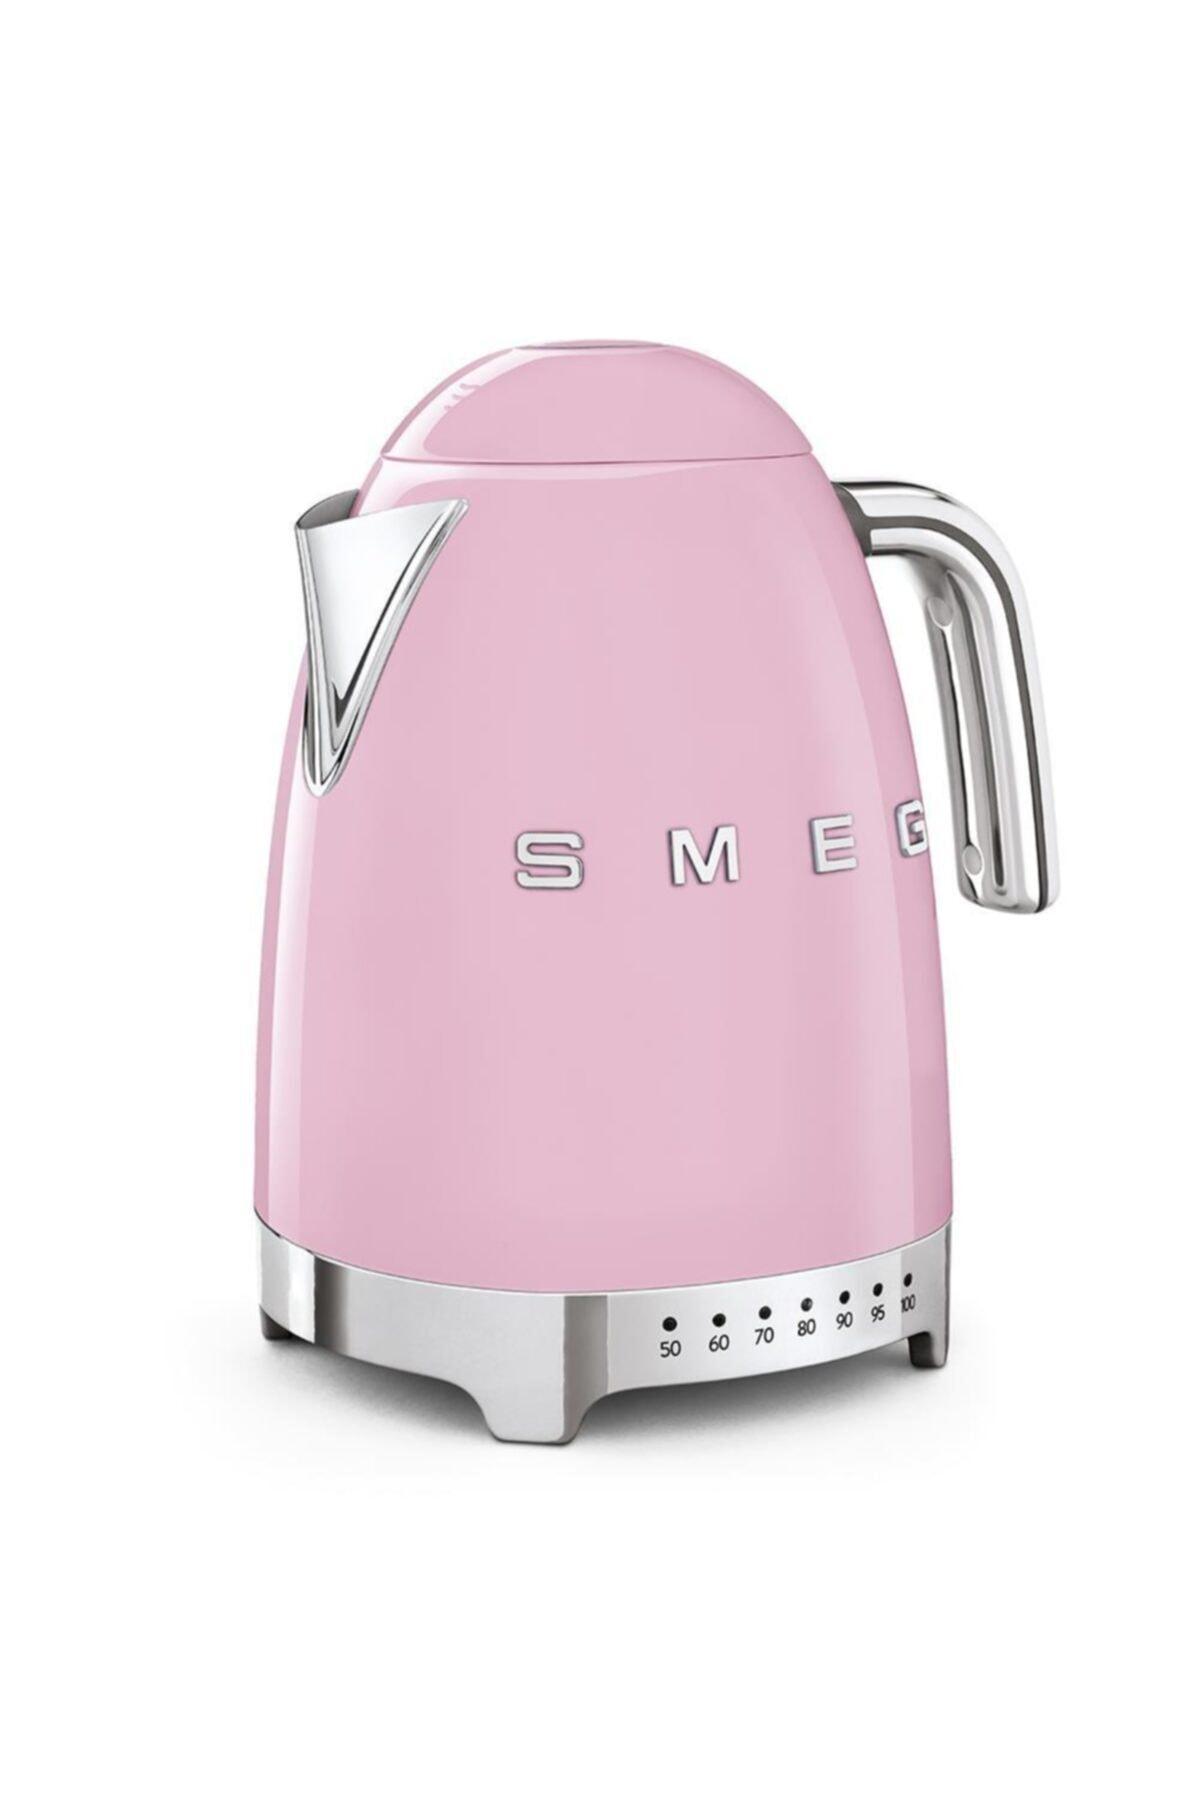 SMEG Isı Ayarlı Otomatik Sistem 50's Style Pembe Renk Su Isıtıcı Kettle Klf04pkeu 2